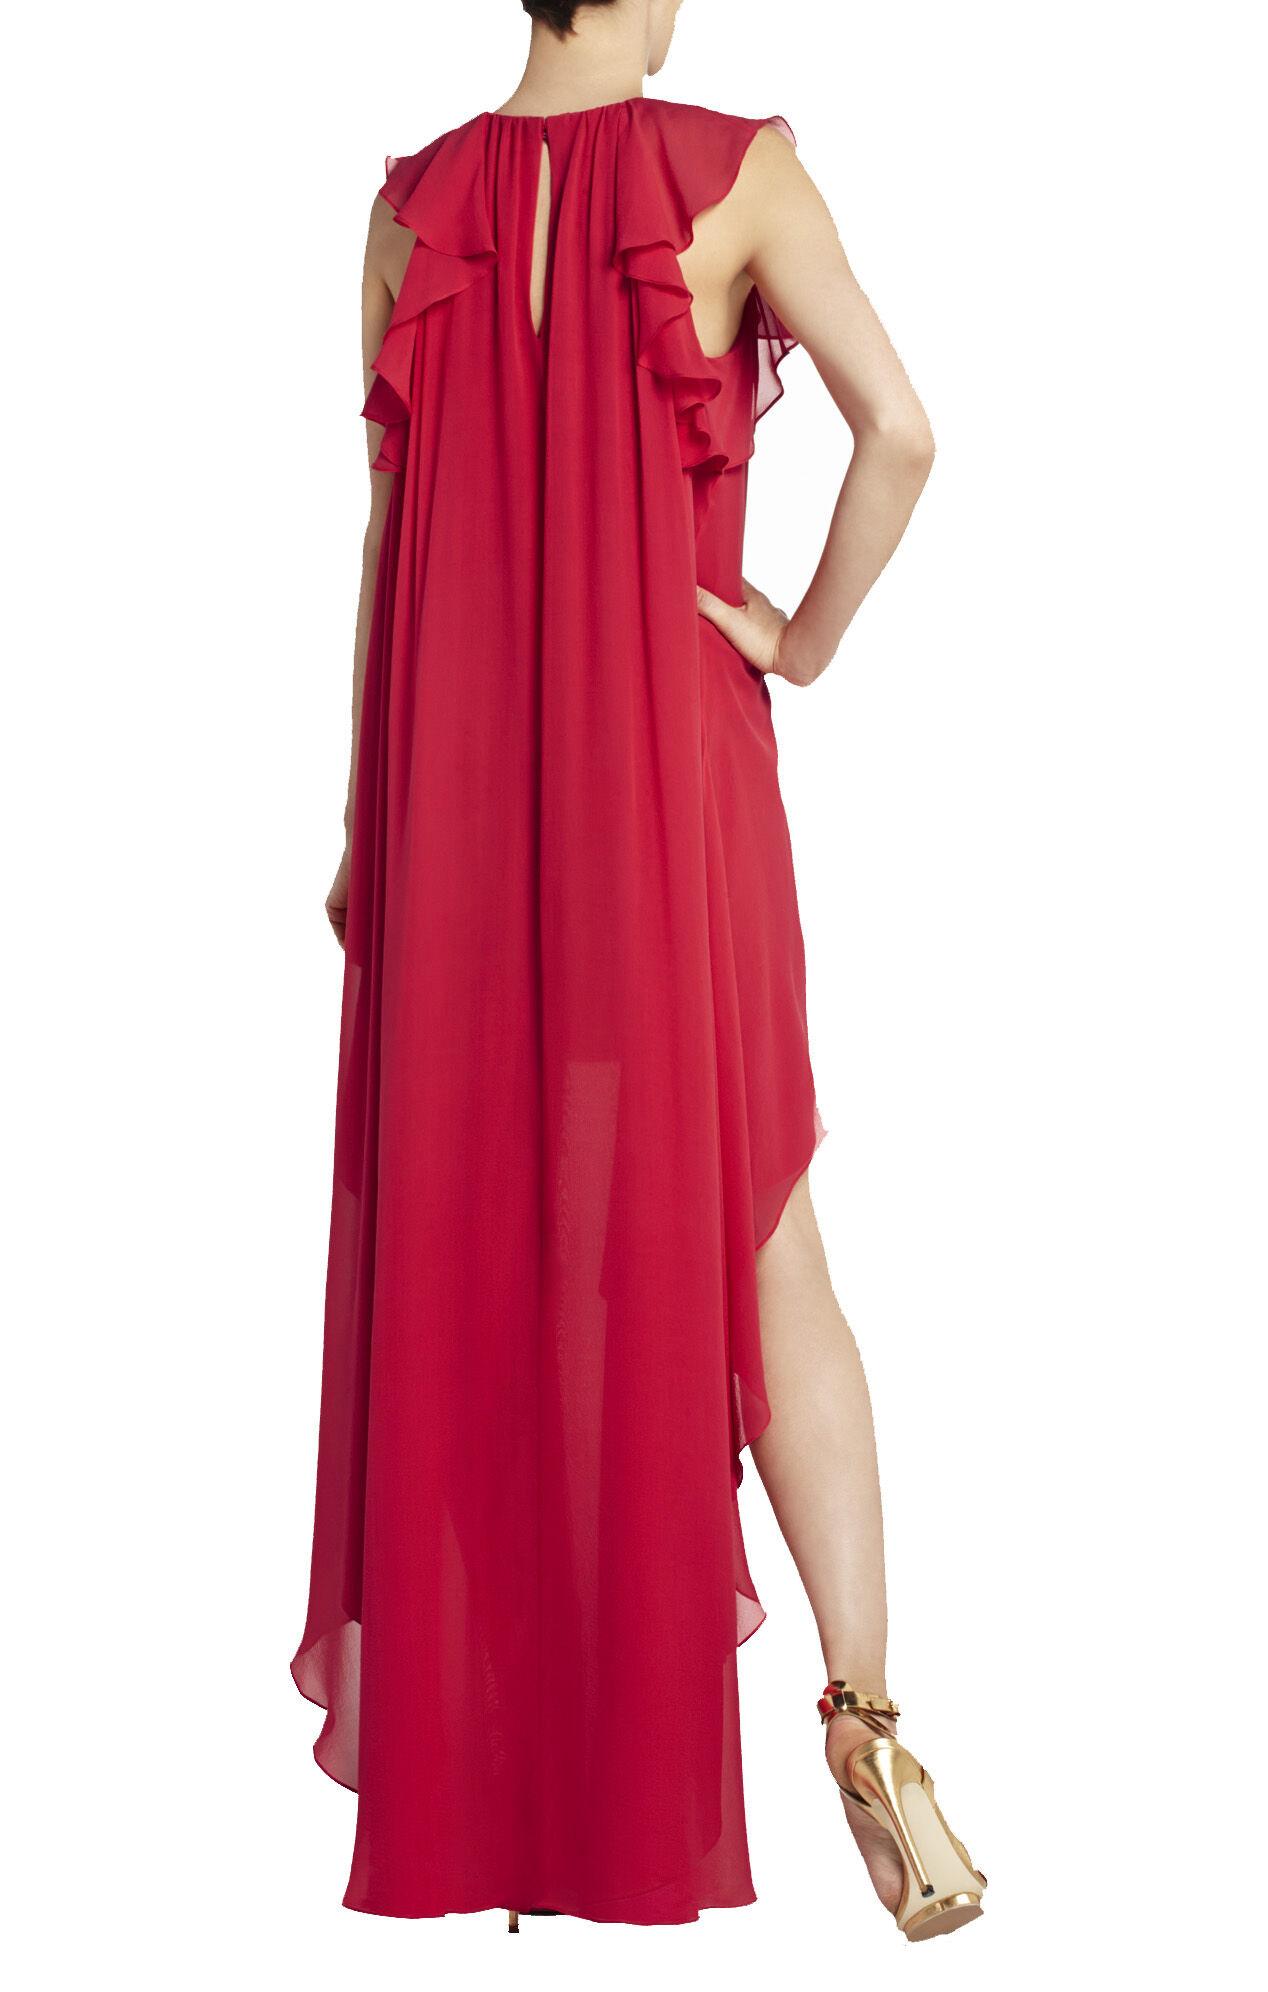 Fais Silk High-Low Dress